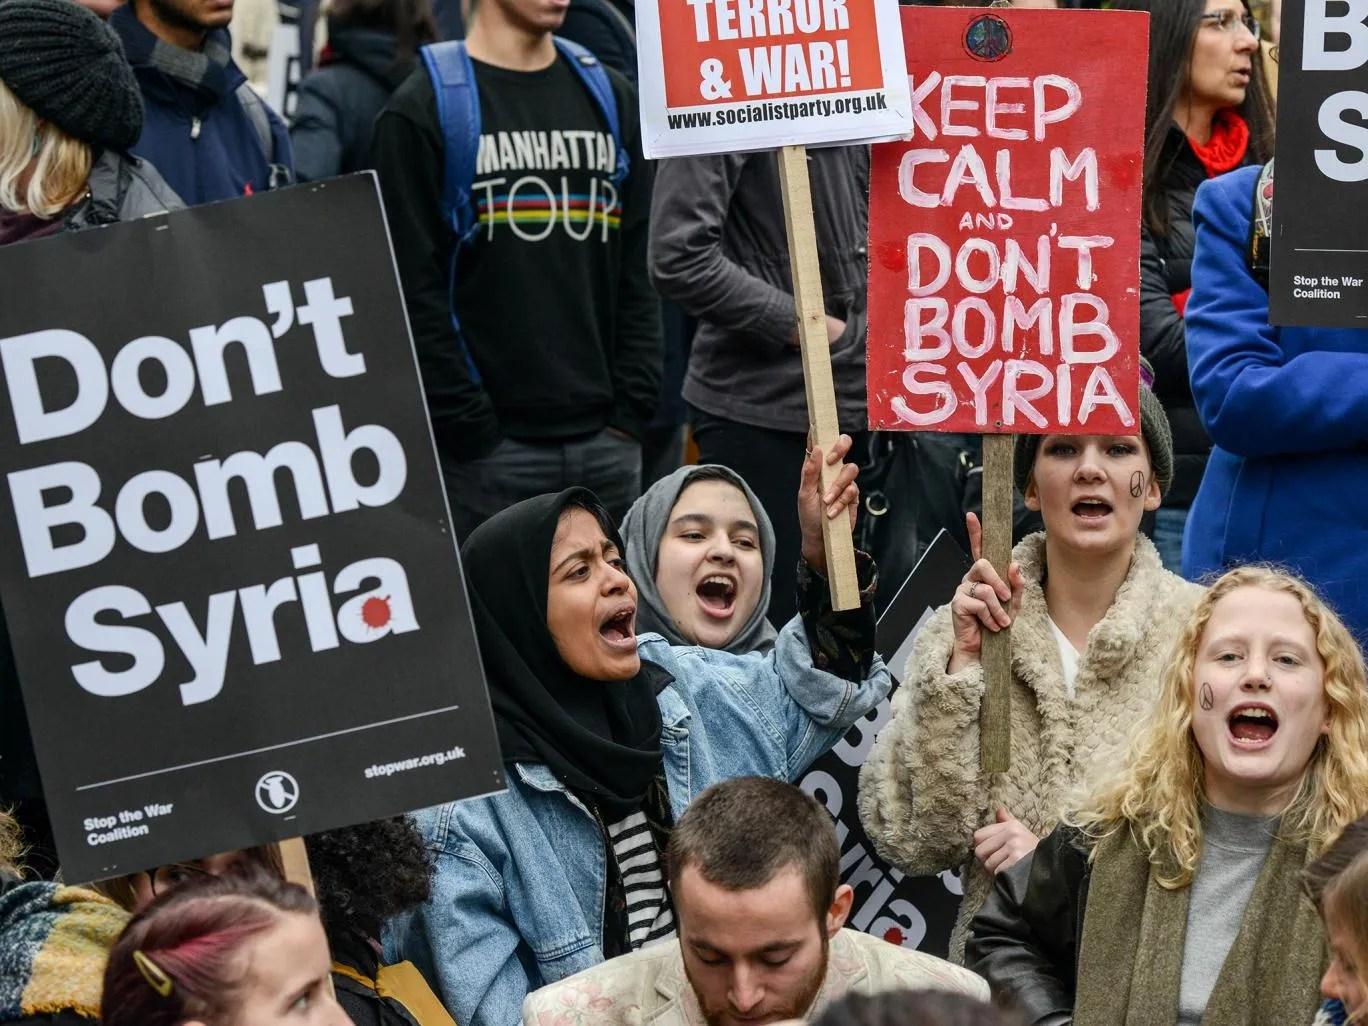 Pro-peace demonstrators in London